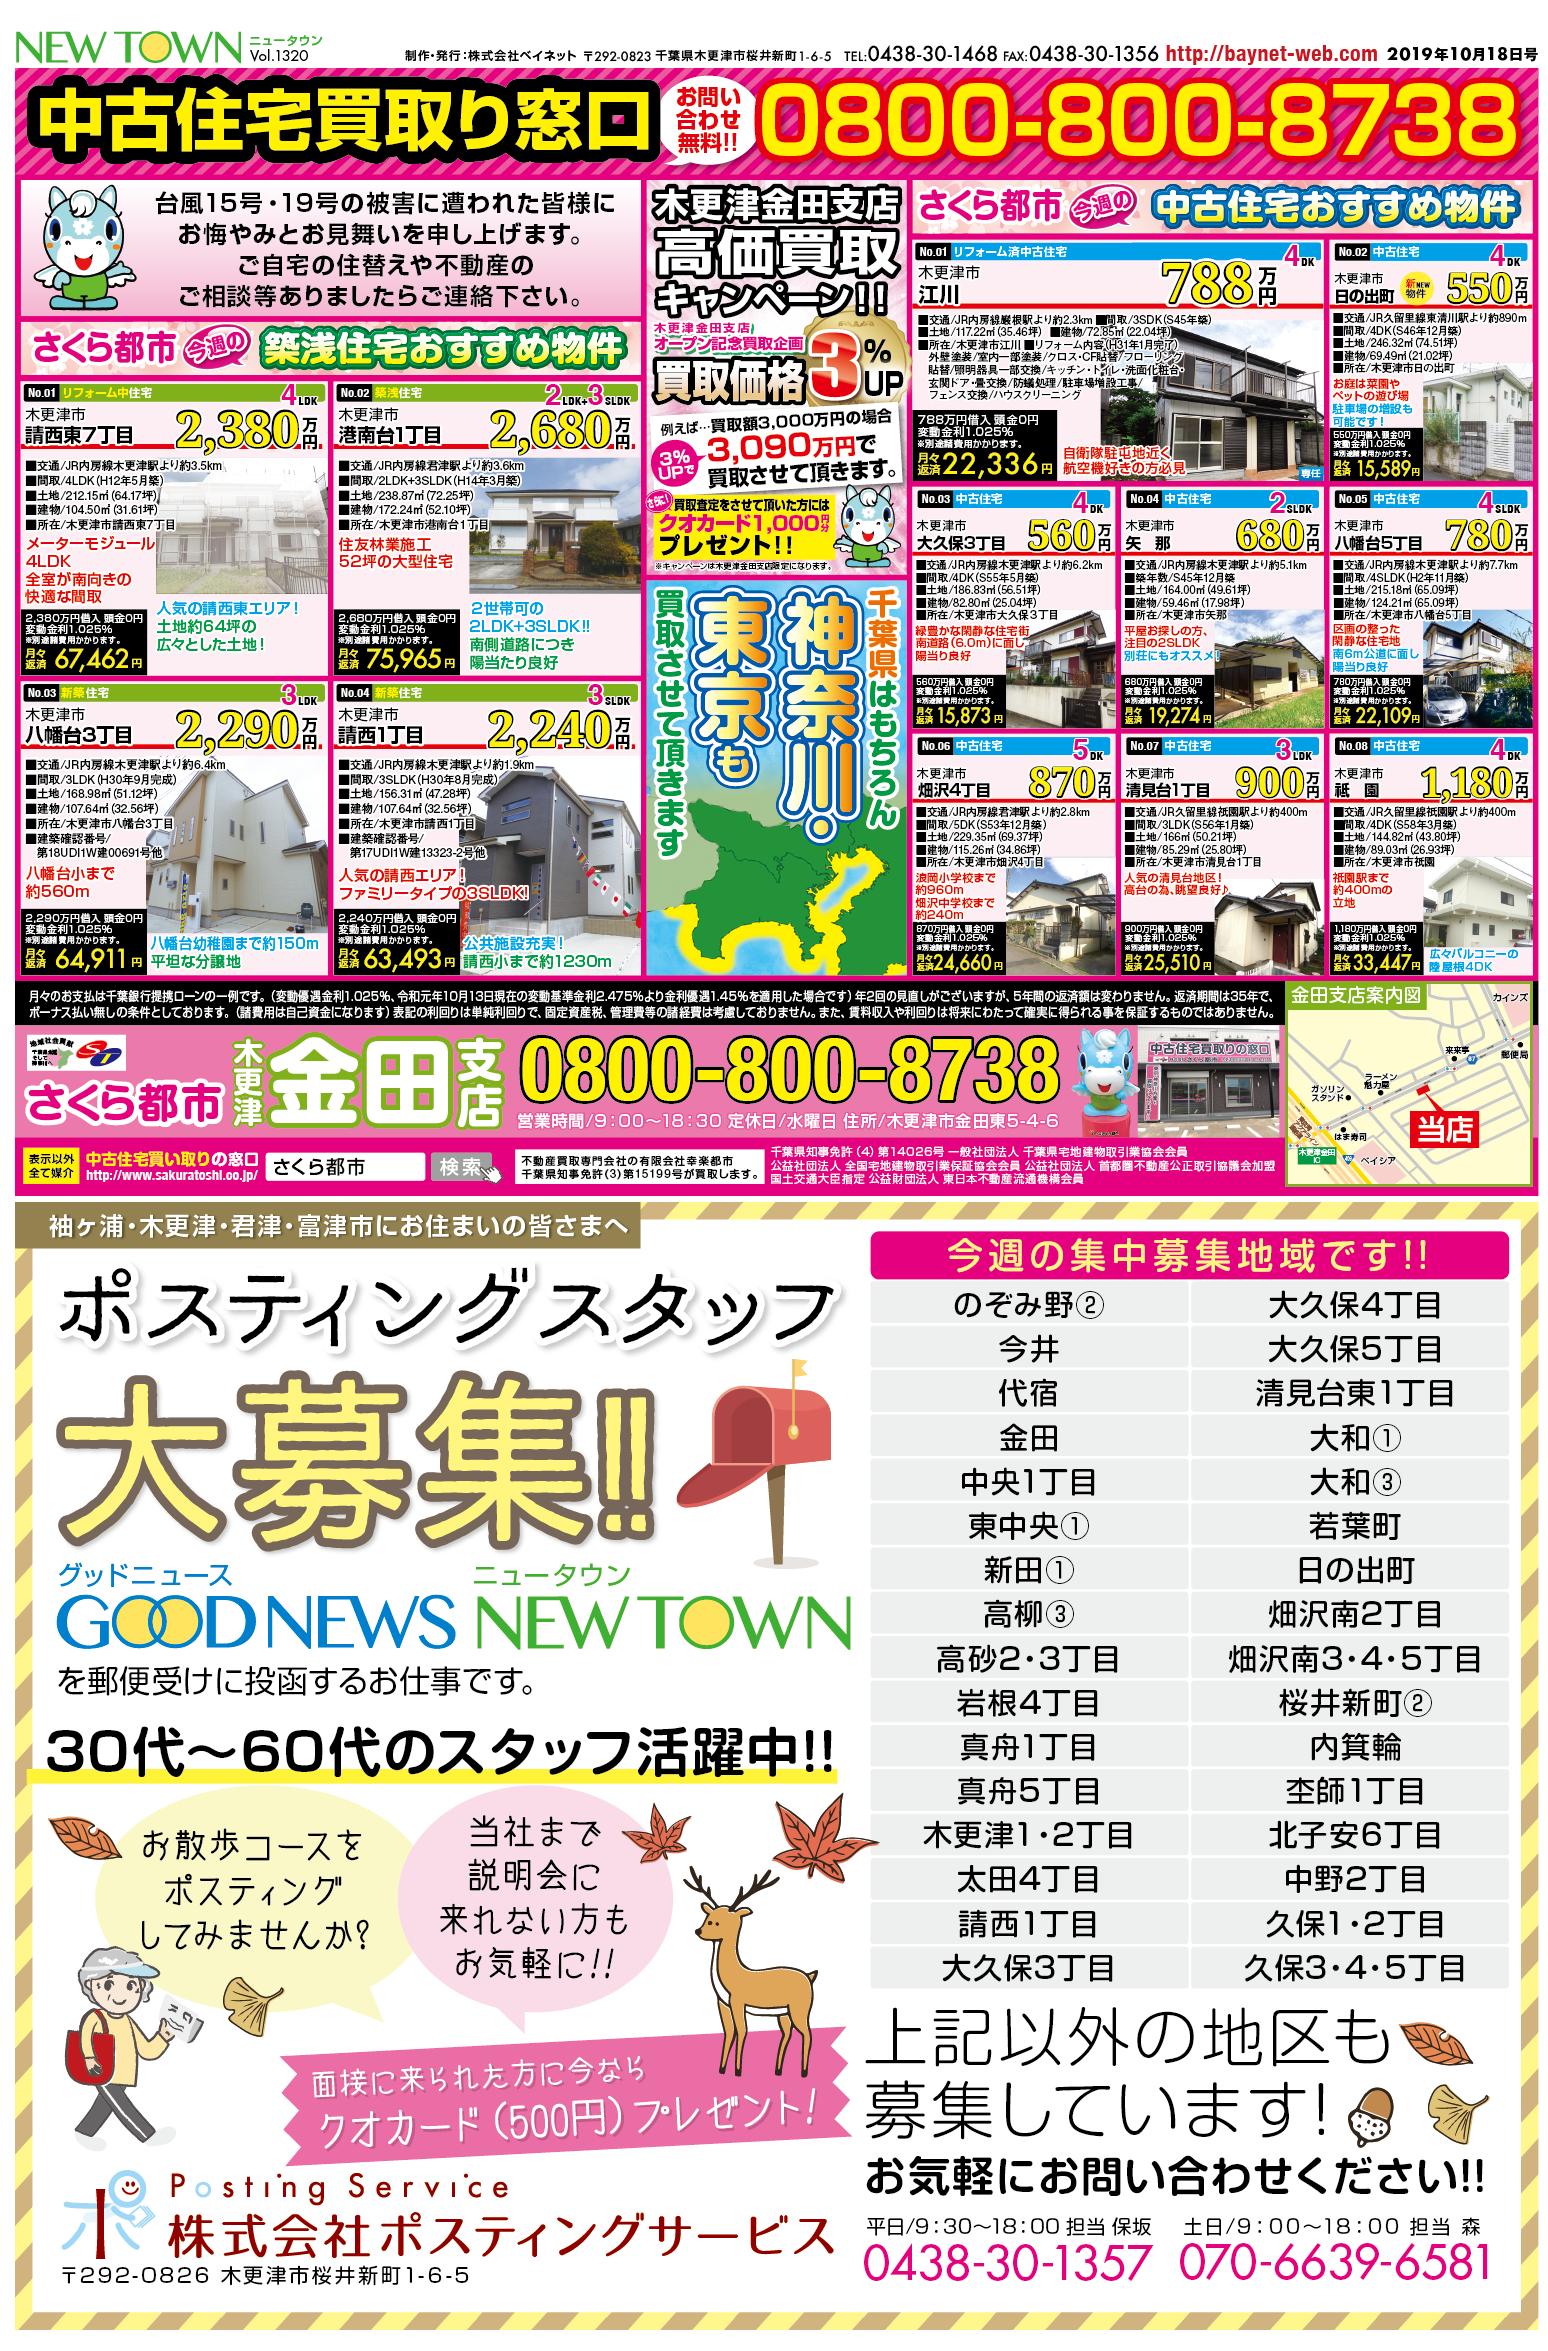 さくら都市金田支店 ポスティングサービス